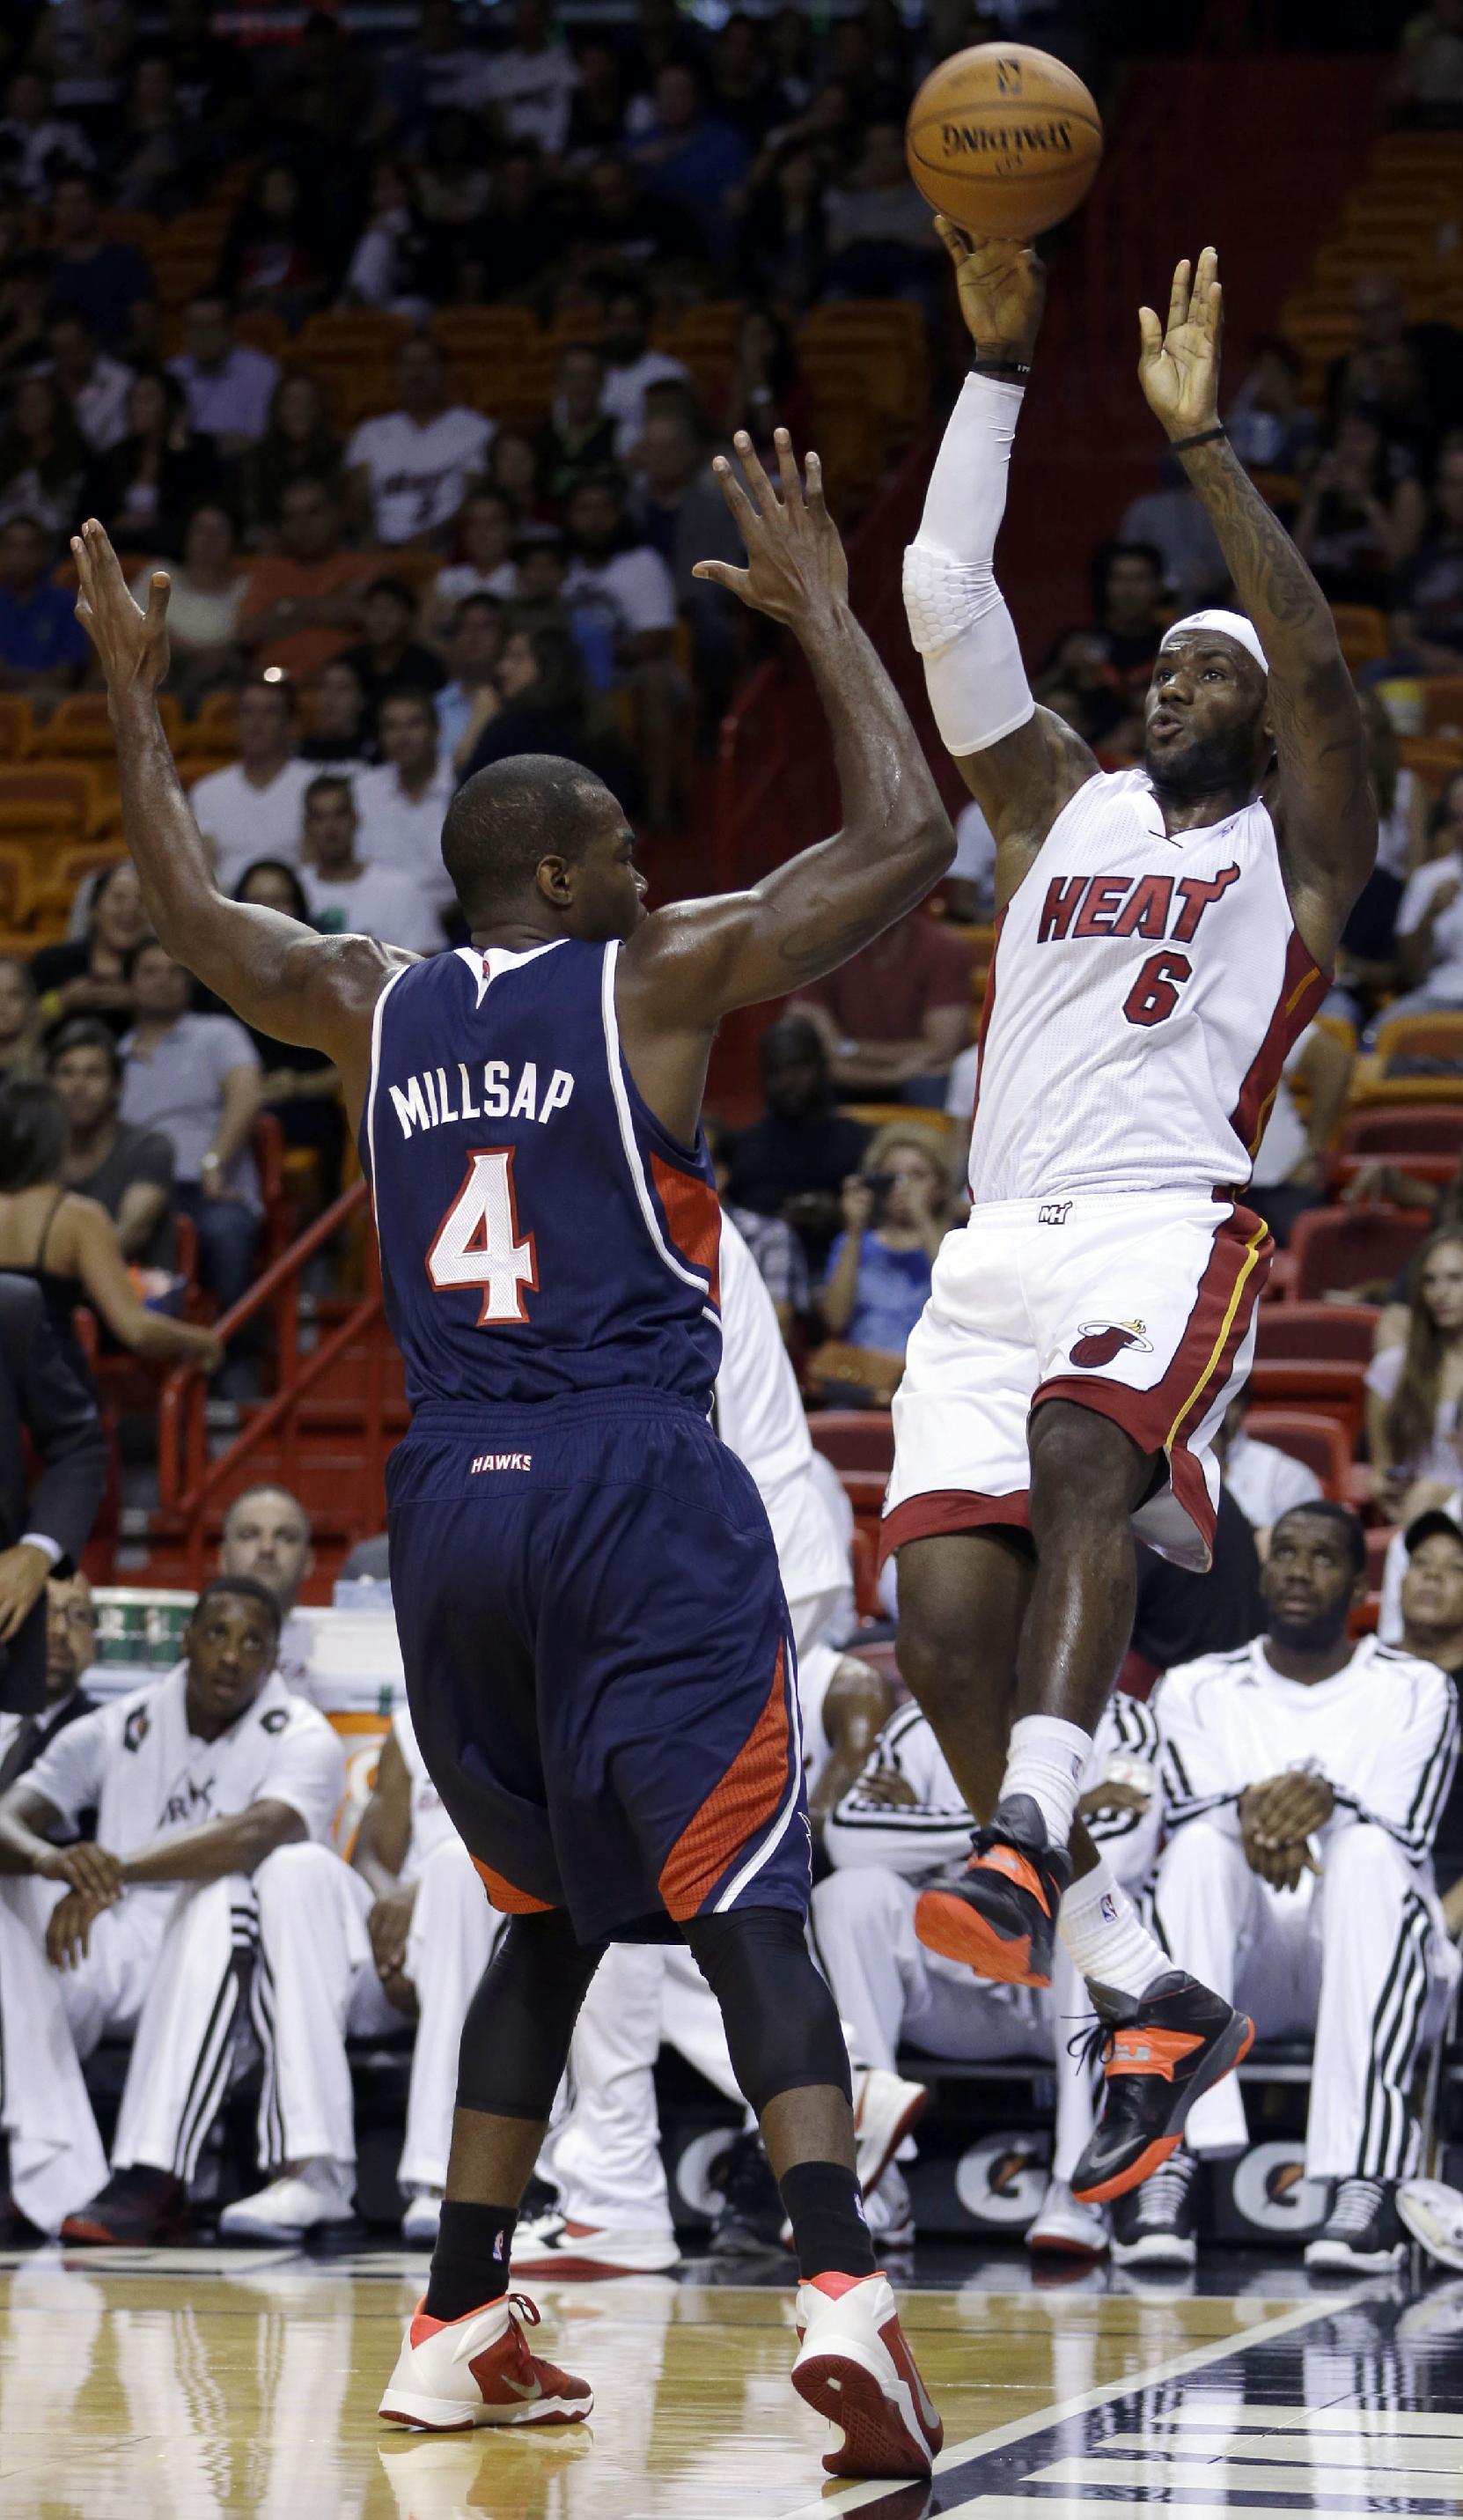 Bosh scores 21, Heat top Hawks 92-87